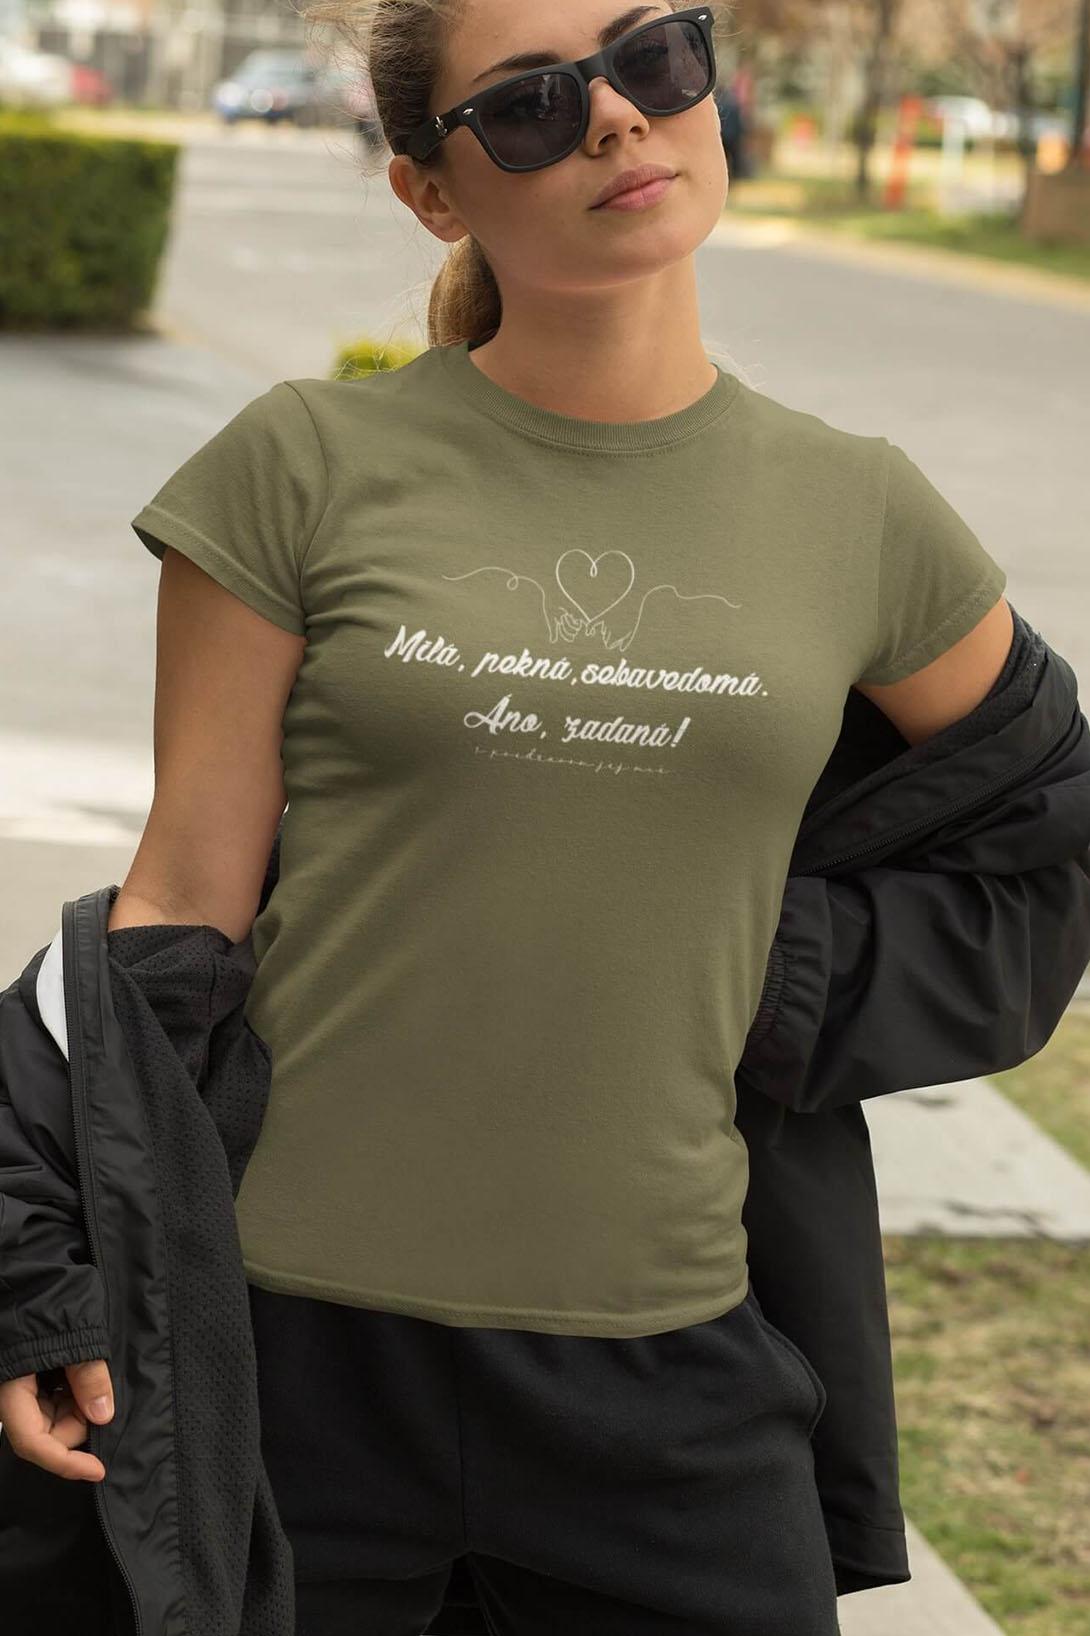 MMO Dámske tričko Milá, pekná, sebavedomá Vyberte farbu: Svetlá khaki, Vyberte veľkosť: M